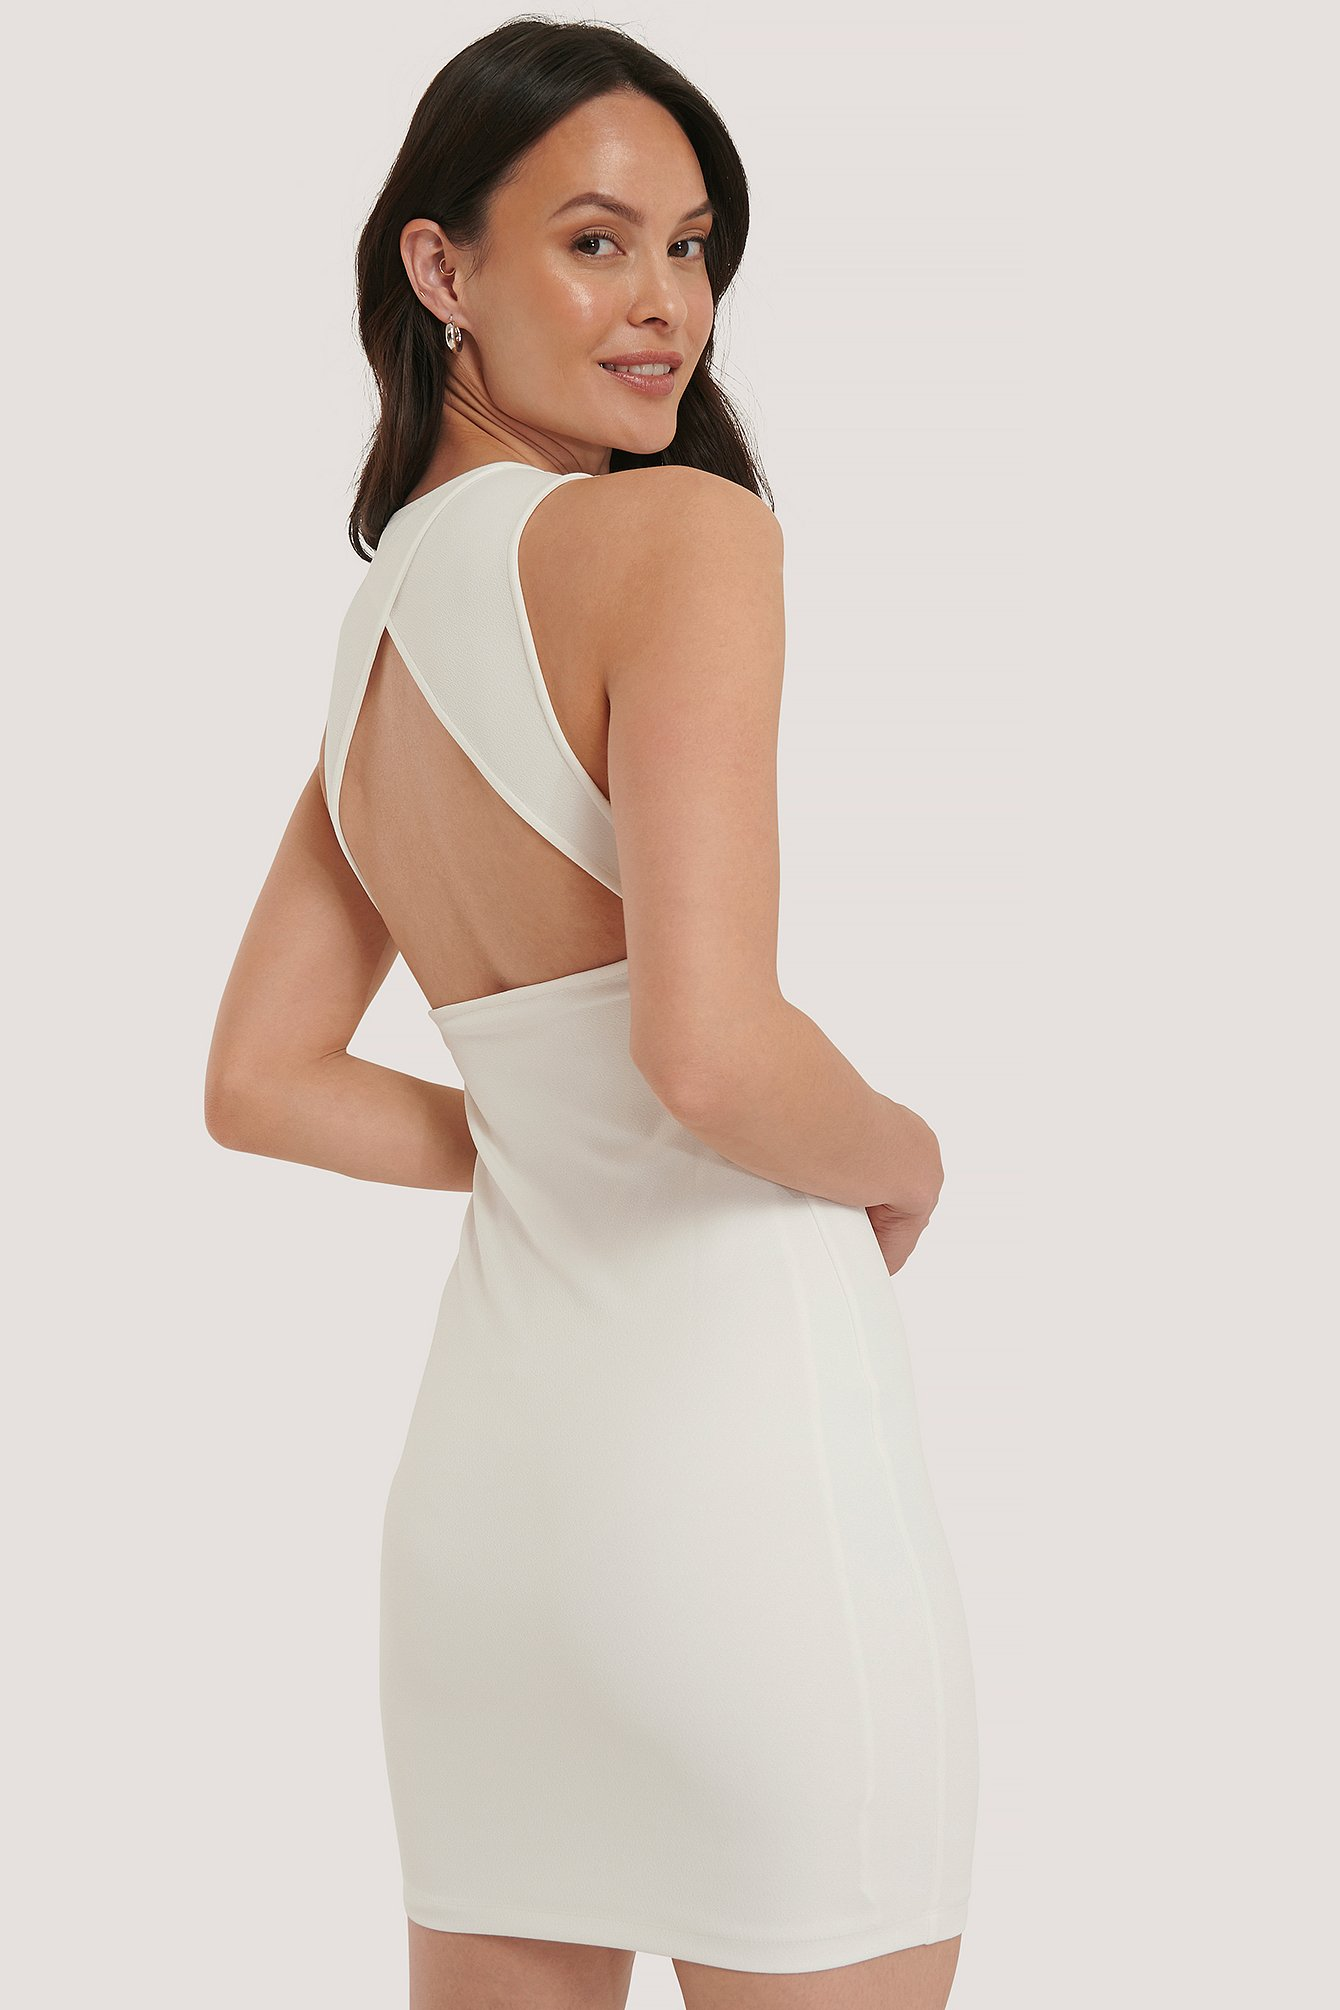 NA-KD Party Kleid Mit Offener Rückenpartie - White | Bekleidung > Kleider > Partykleider | NA-KD Party